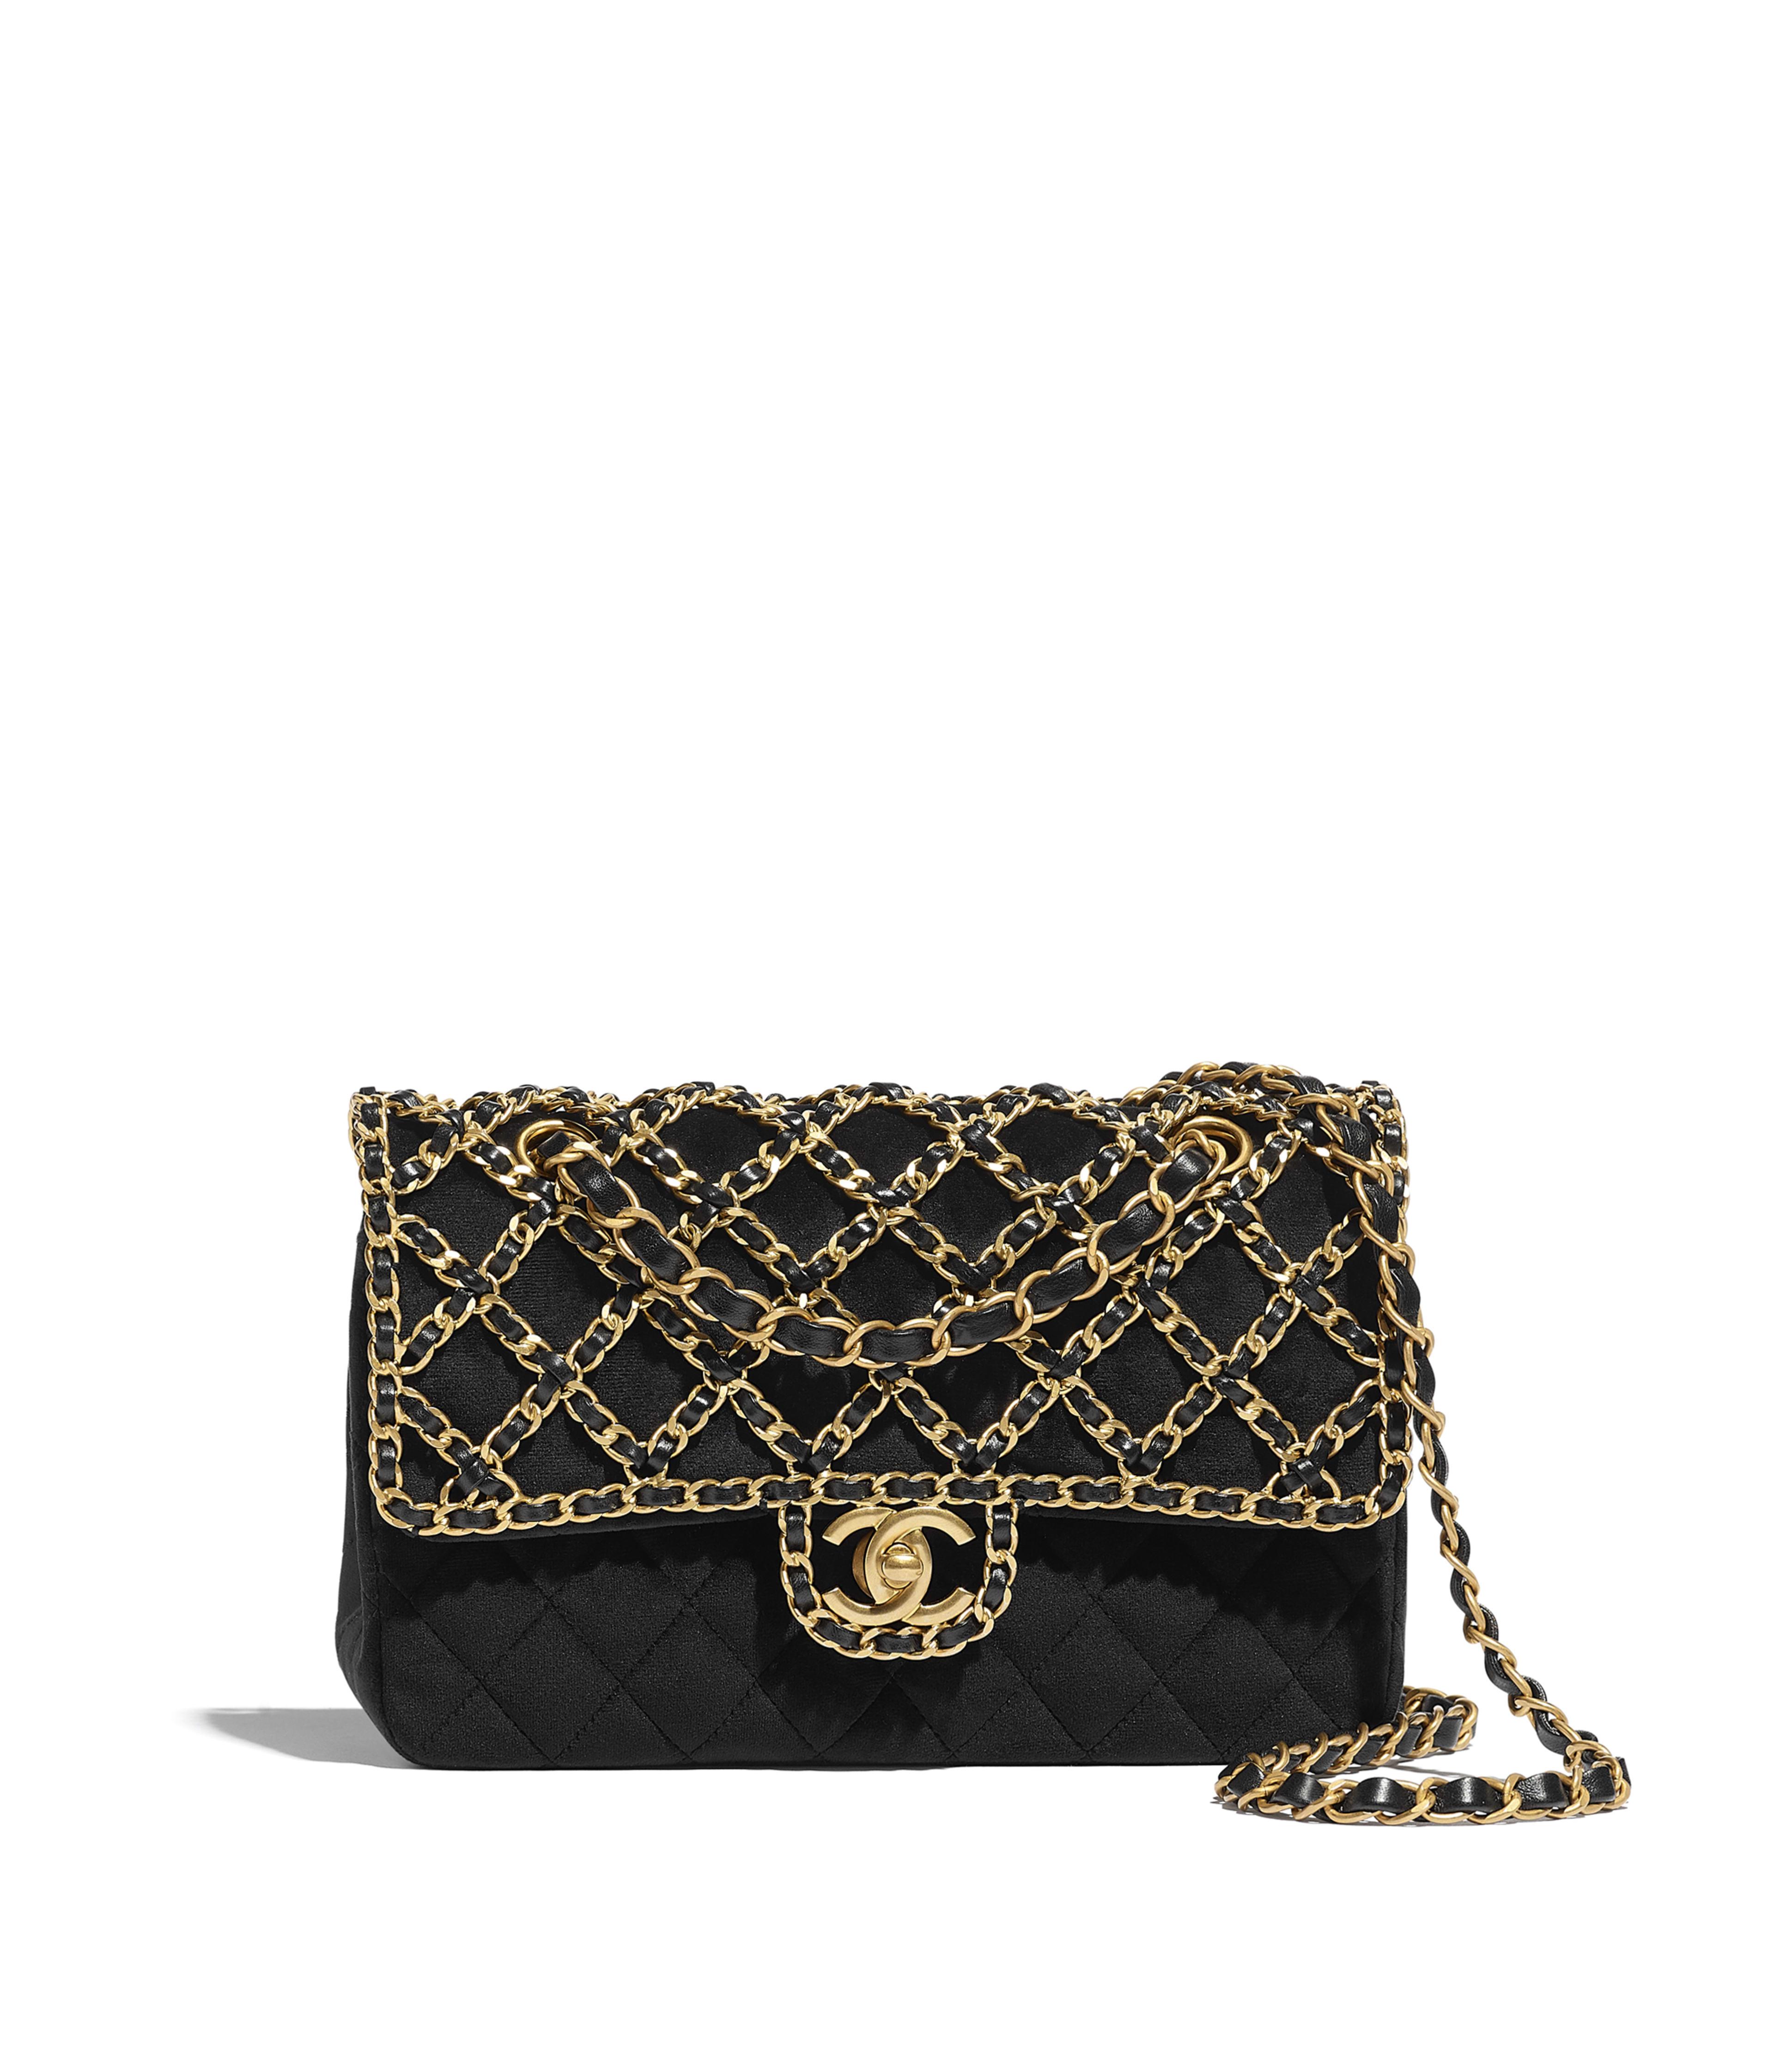 Chanel Borse Immagini.Borse Moda Chanel